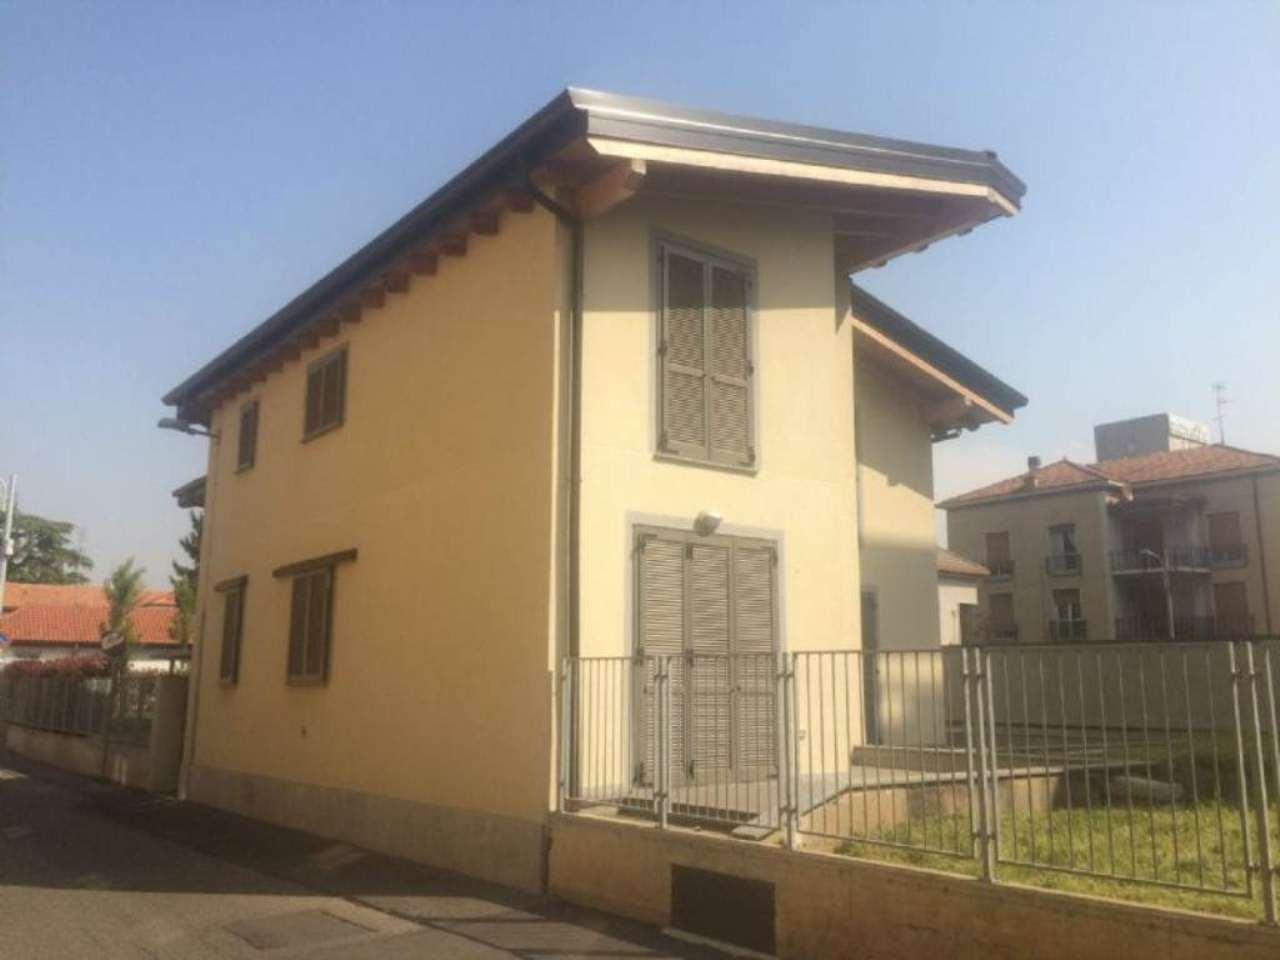 Villa in vendita a Nova Milanese, 3 locali, prezzo € 224.000 | Cambio Casa.it